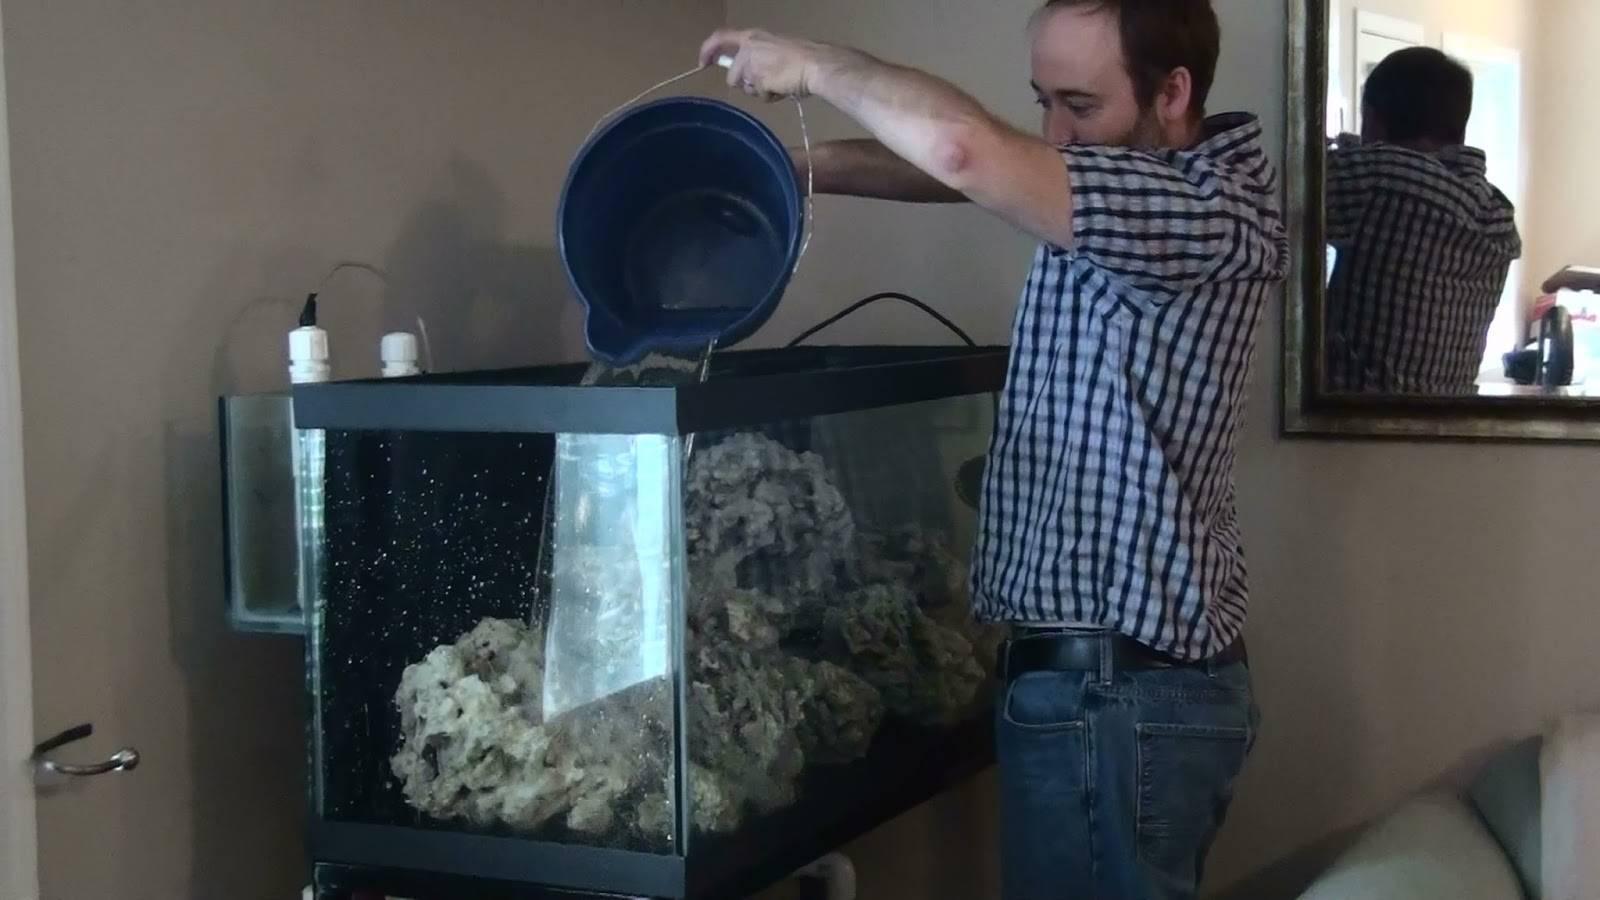 Как часто менять воду в аквариуме: сколько отстаивать воду для аквариума, как менять воду в аквариуме, какую воду заливать в аквариум для рыбок, вода для аквариума